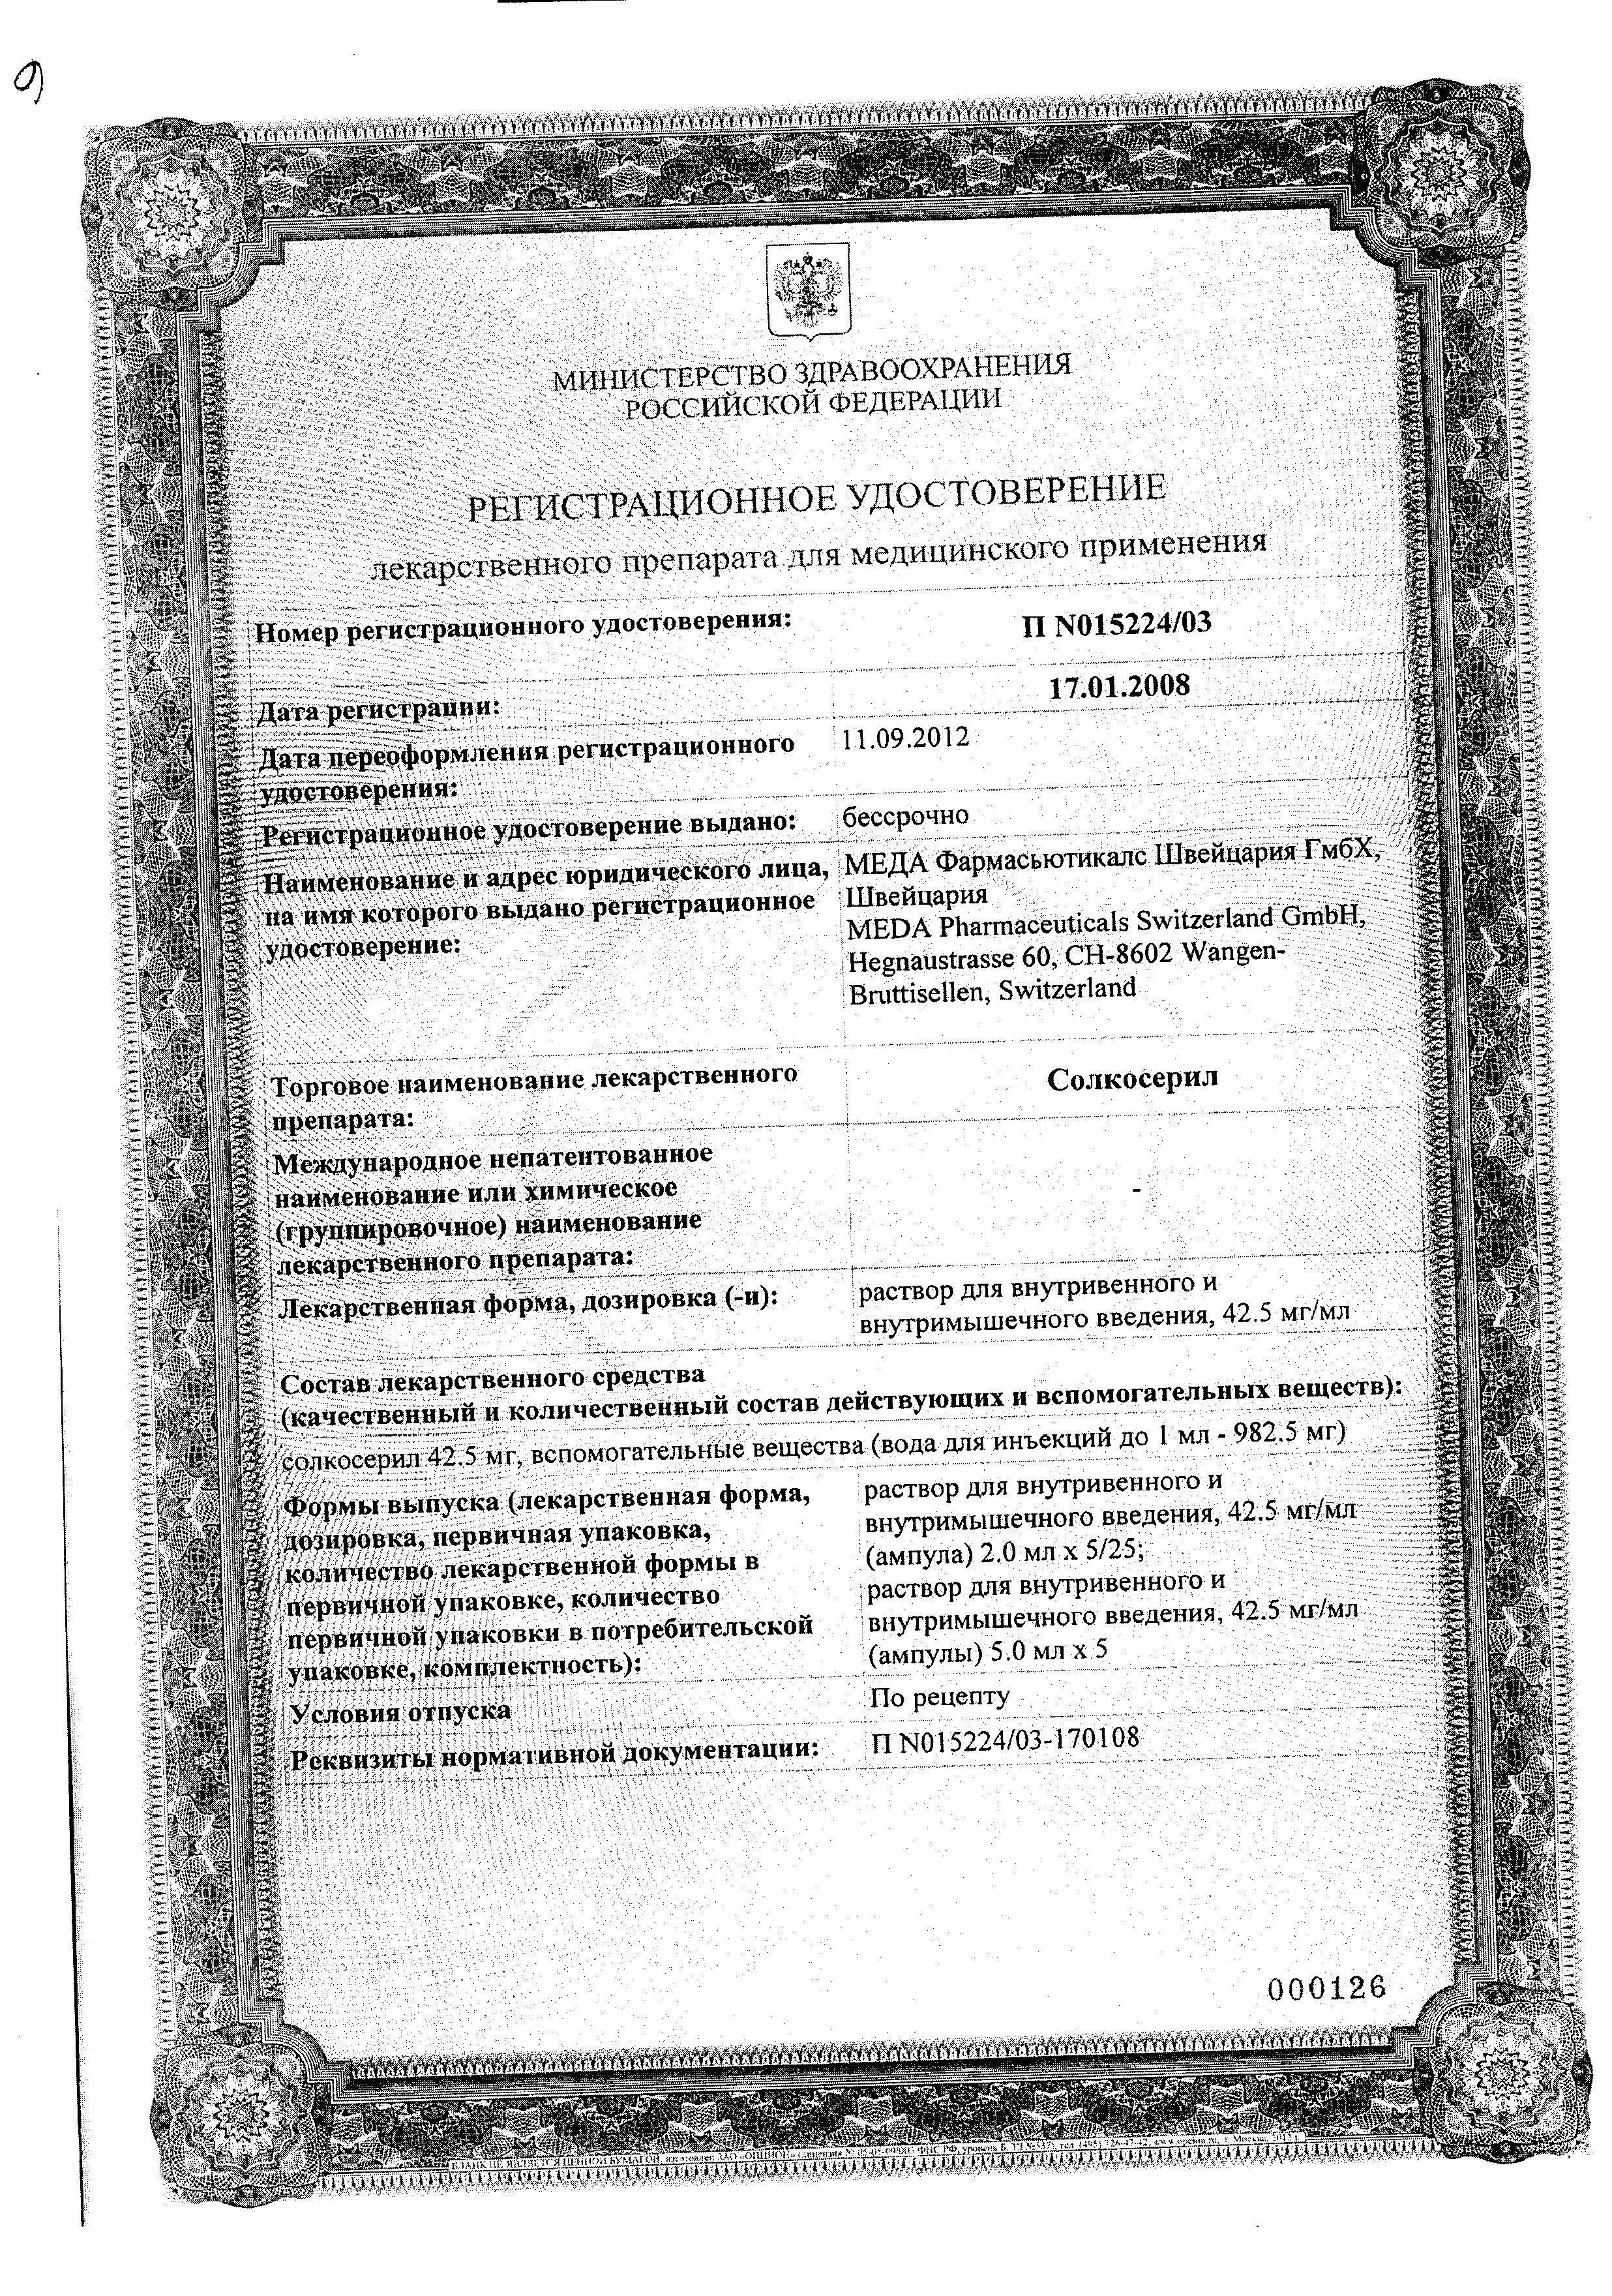 Солкосерил (для инъекций) сертификат